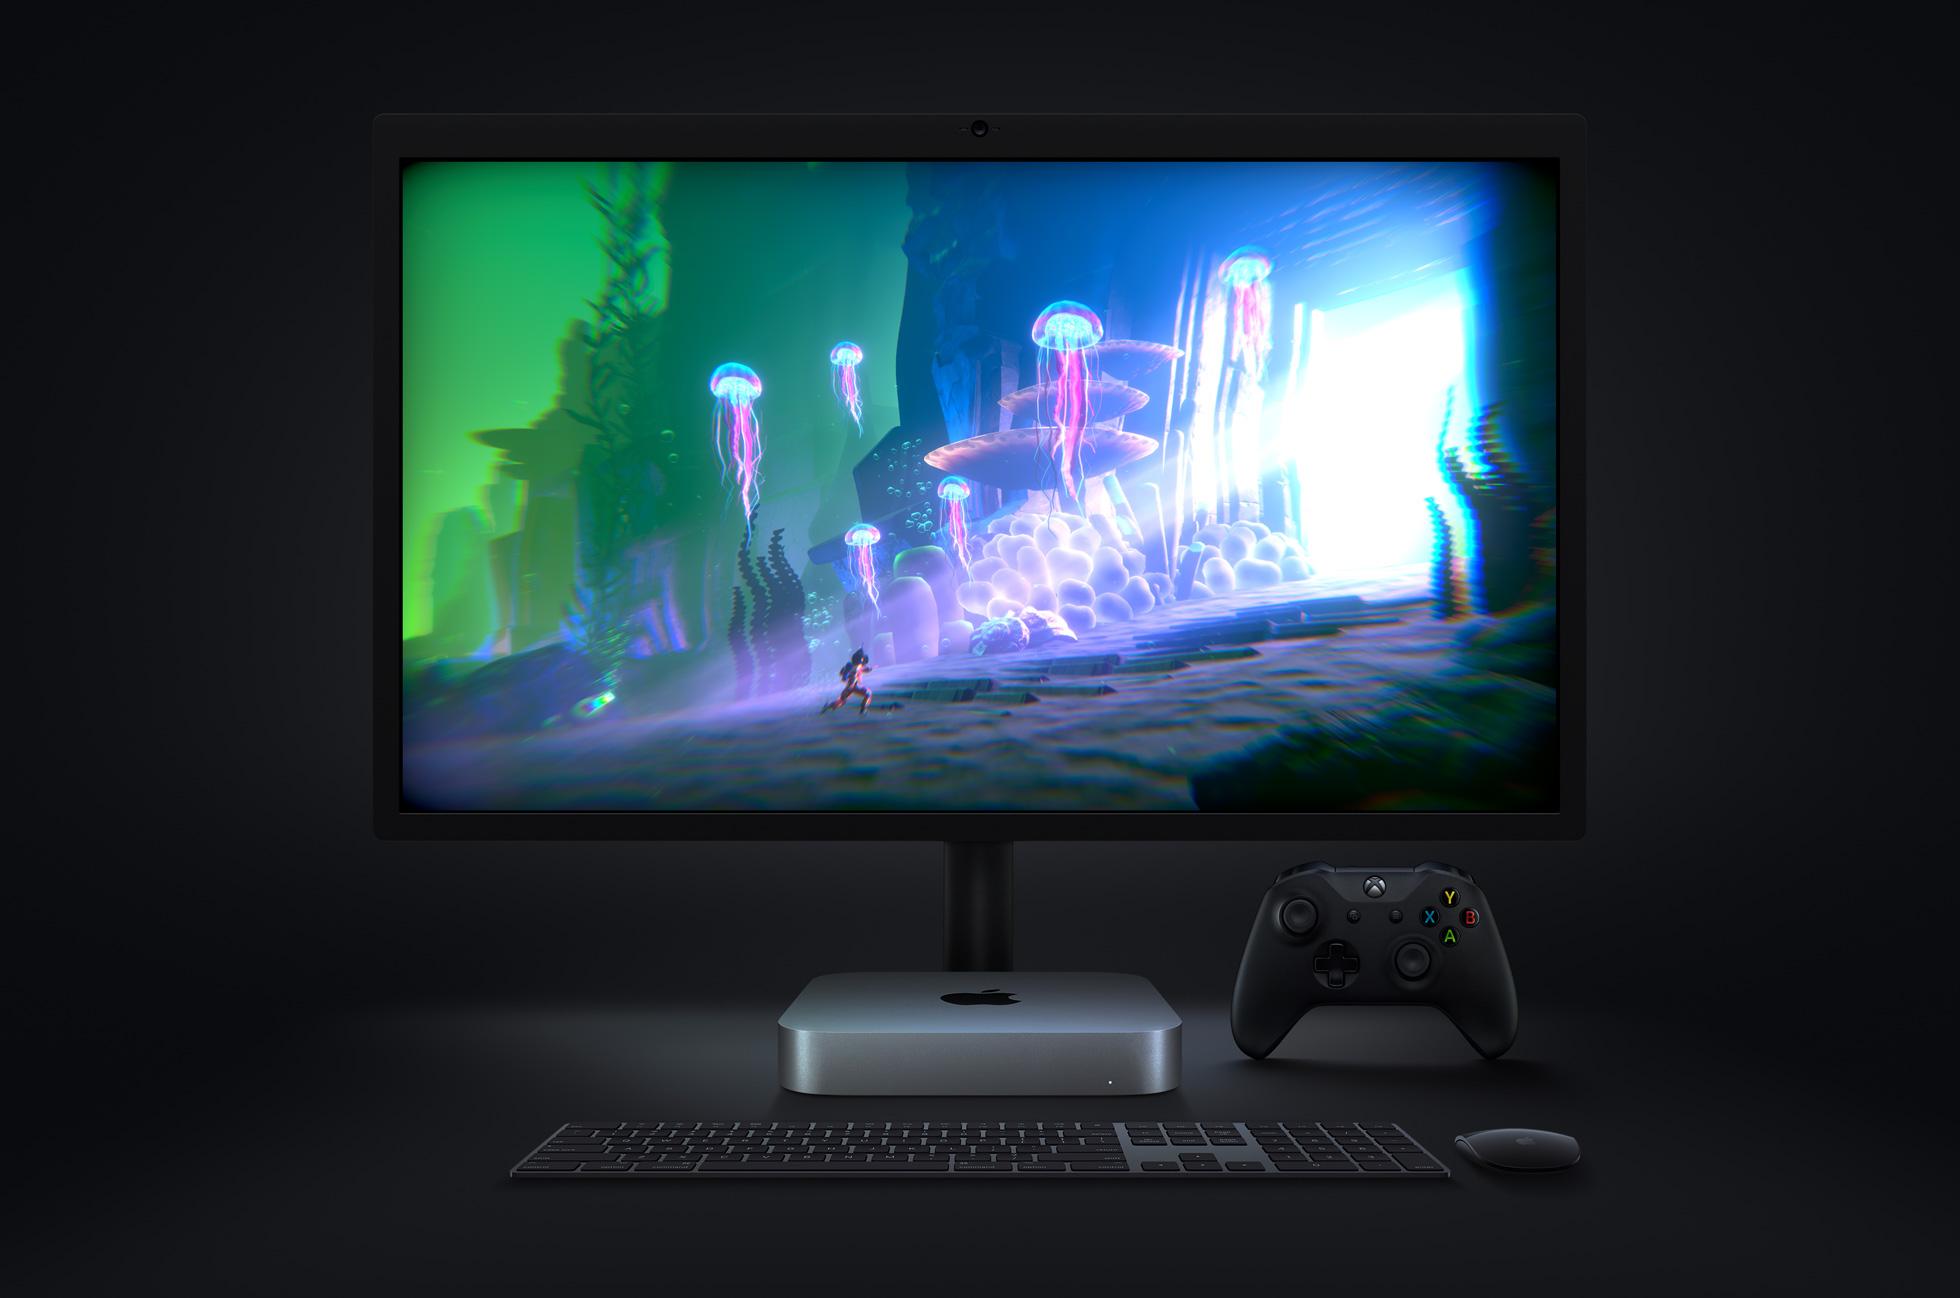 La puce AppleM1 va faire beaucoup mieux qu'Intel, sauf pour les écrans externes